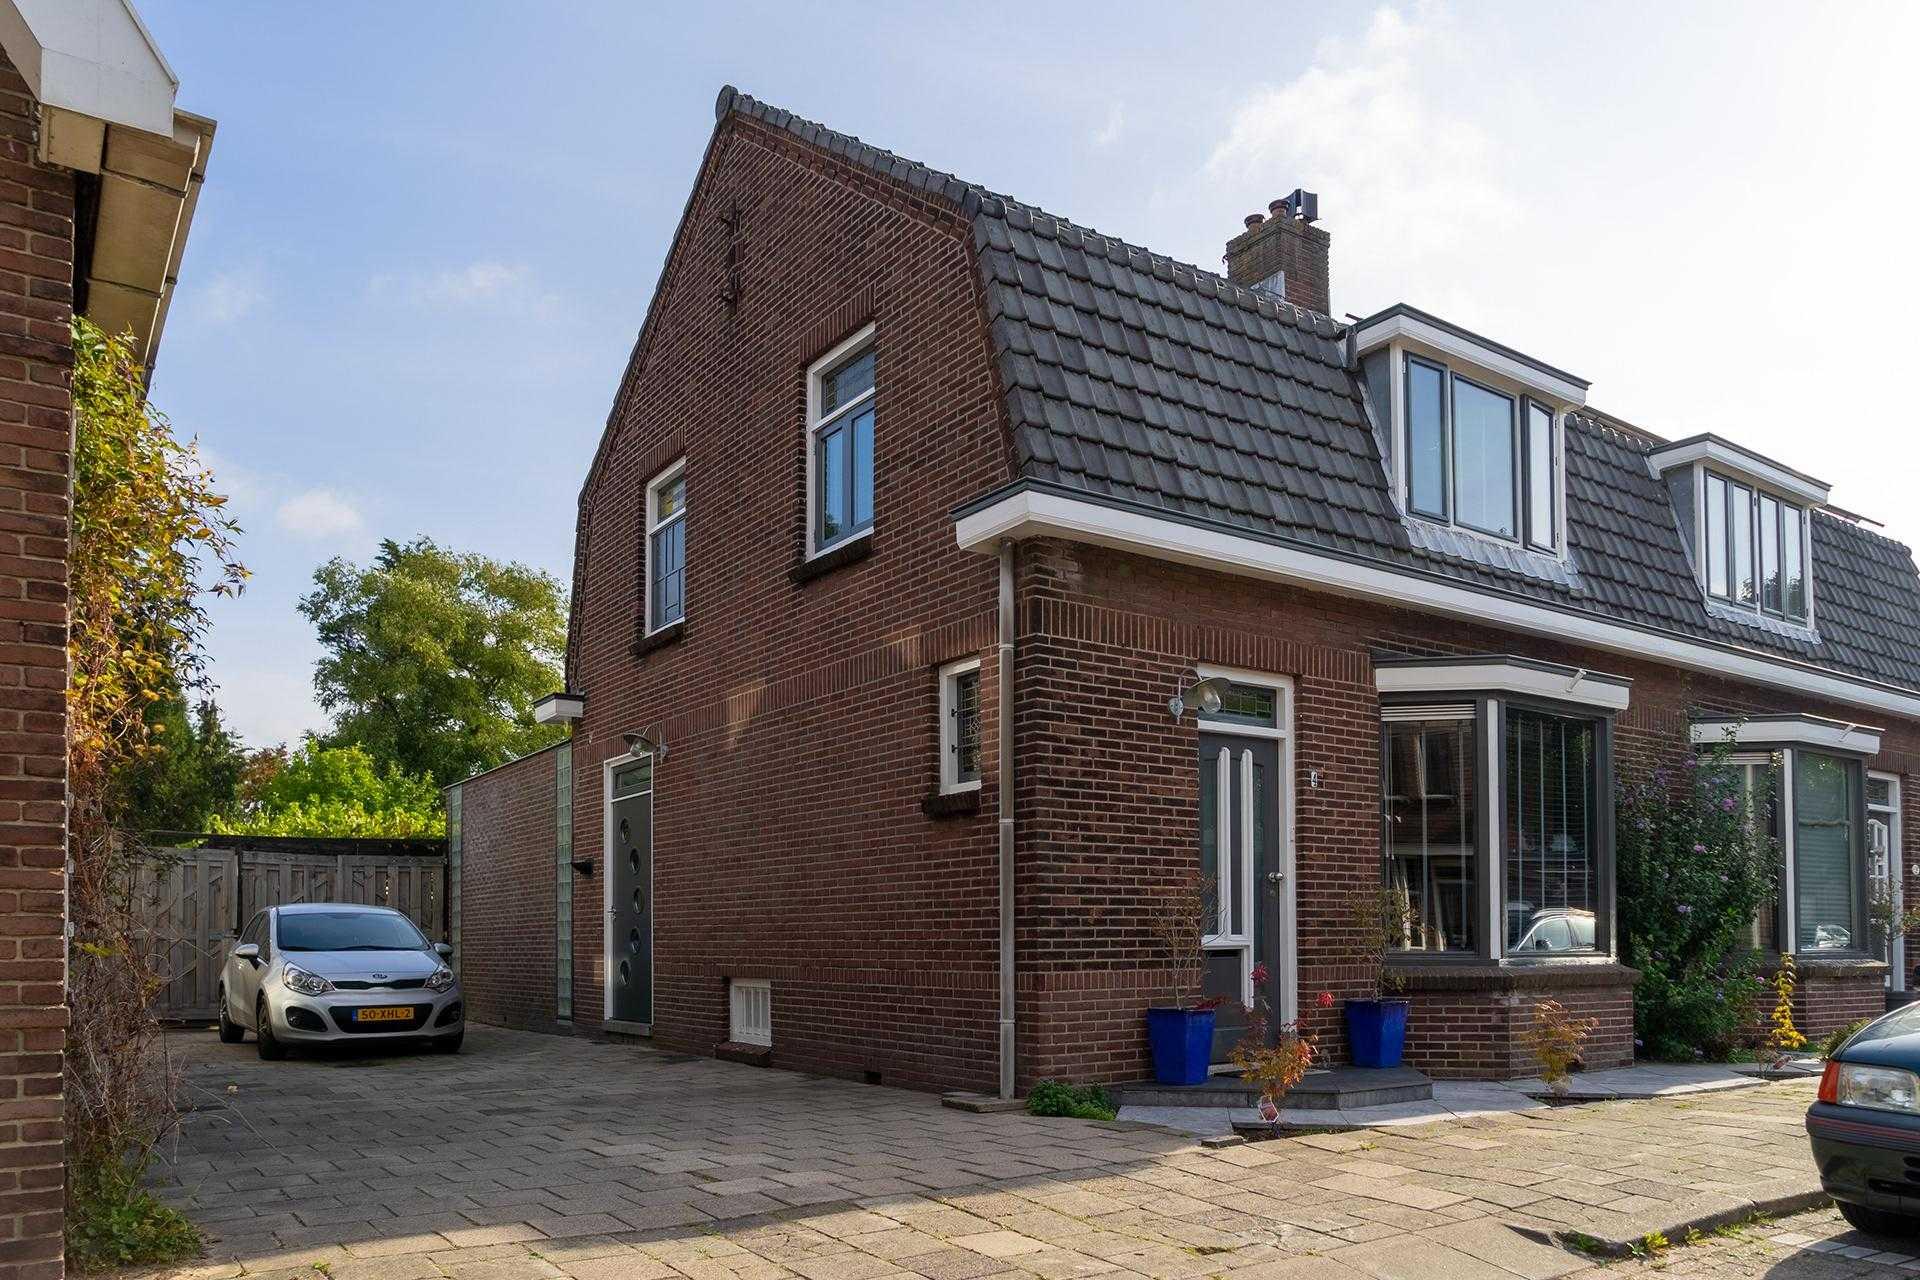 Huis foto voor verkoop huis op funda